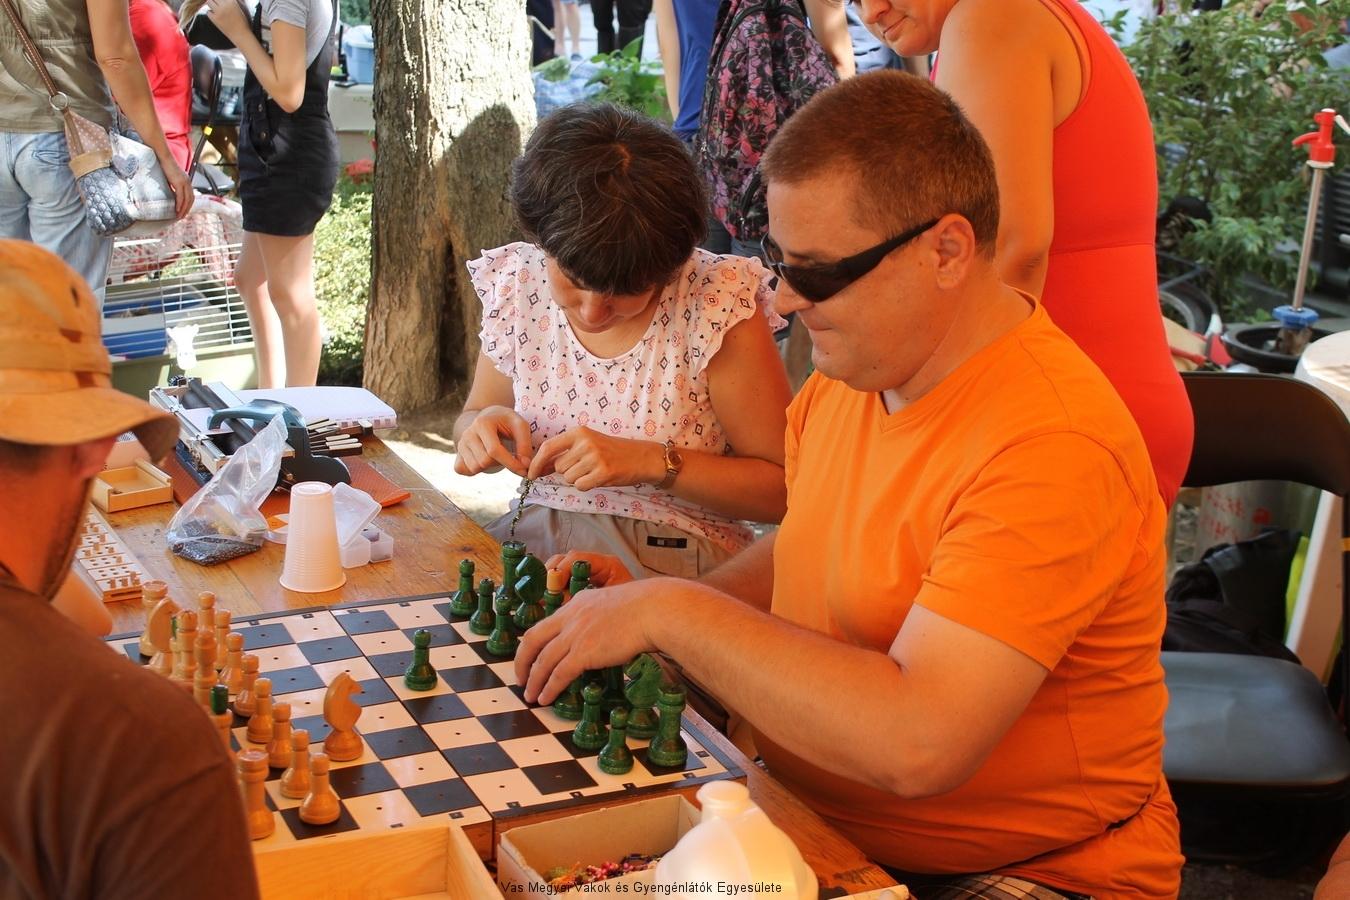 Kocsis Tamással lehetett sakkozni is.